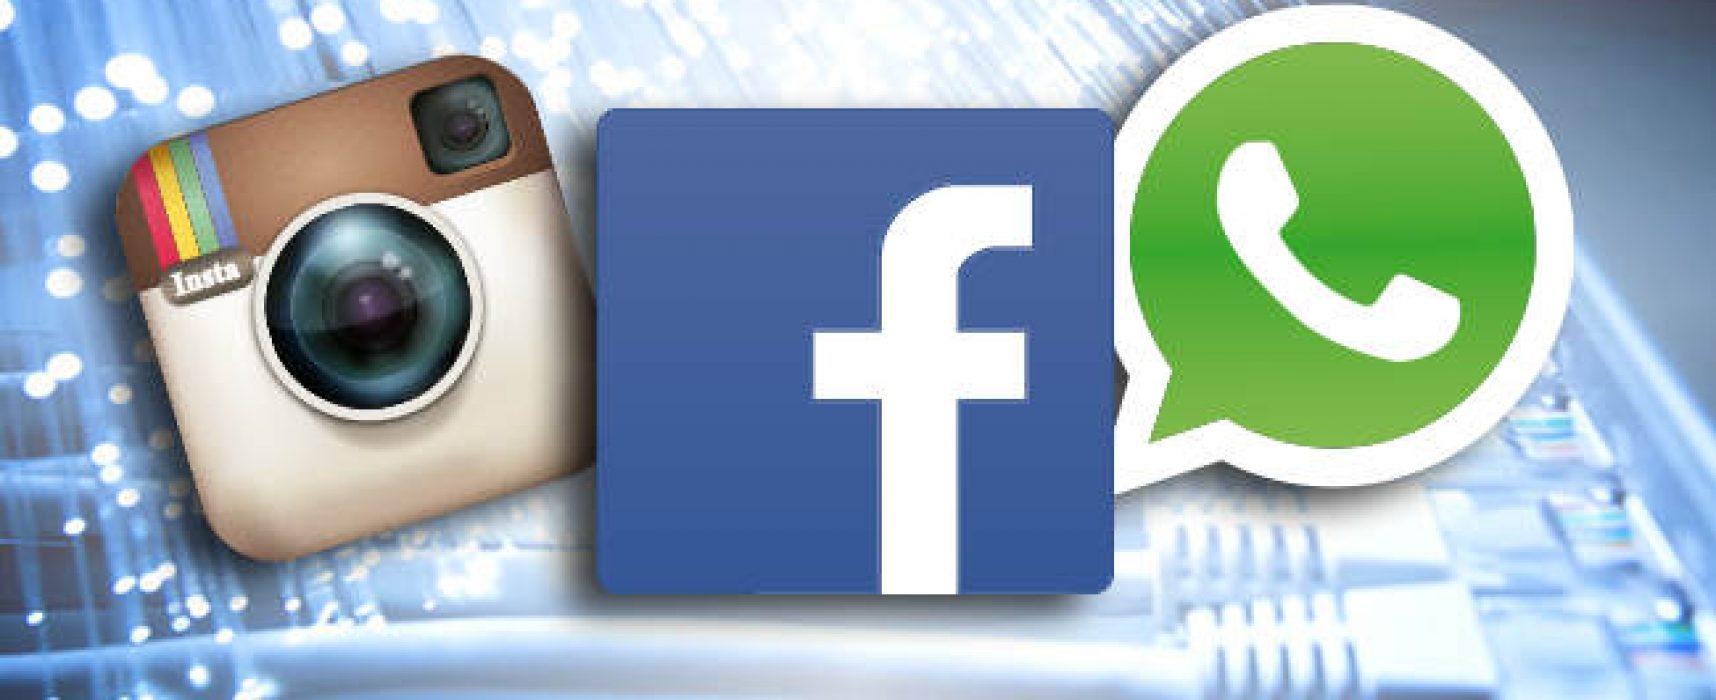 Rusia exige que Facebook cumpla con sus leyes; si no lo hace, lo prohibirá en 2018